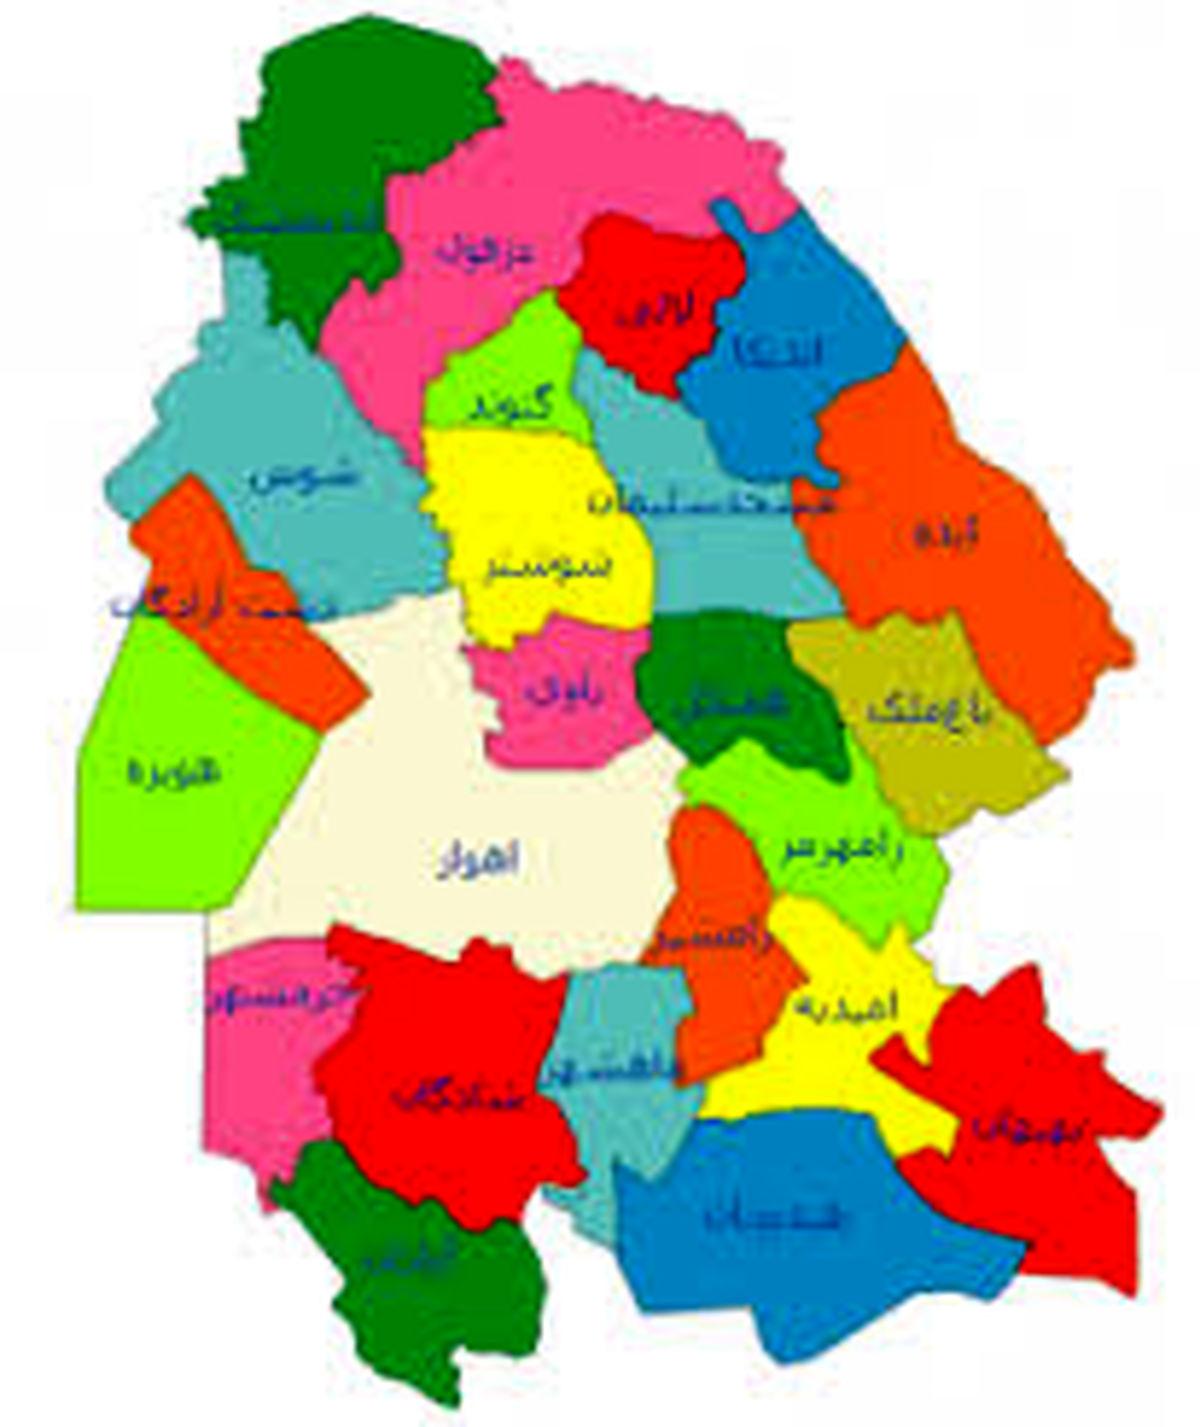 تعداد دقیق شهدای جنگ تحمیلی استان خوزستان